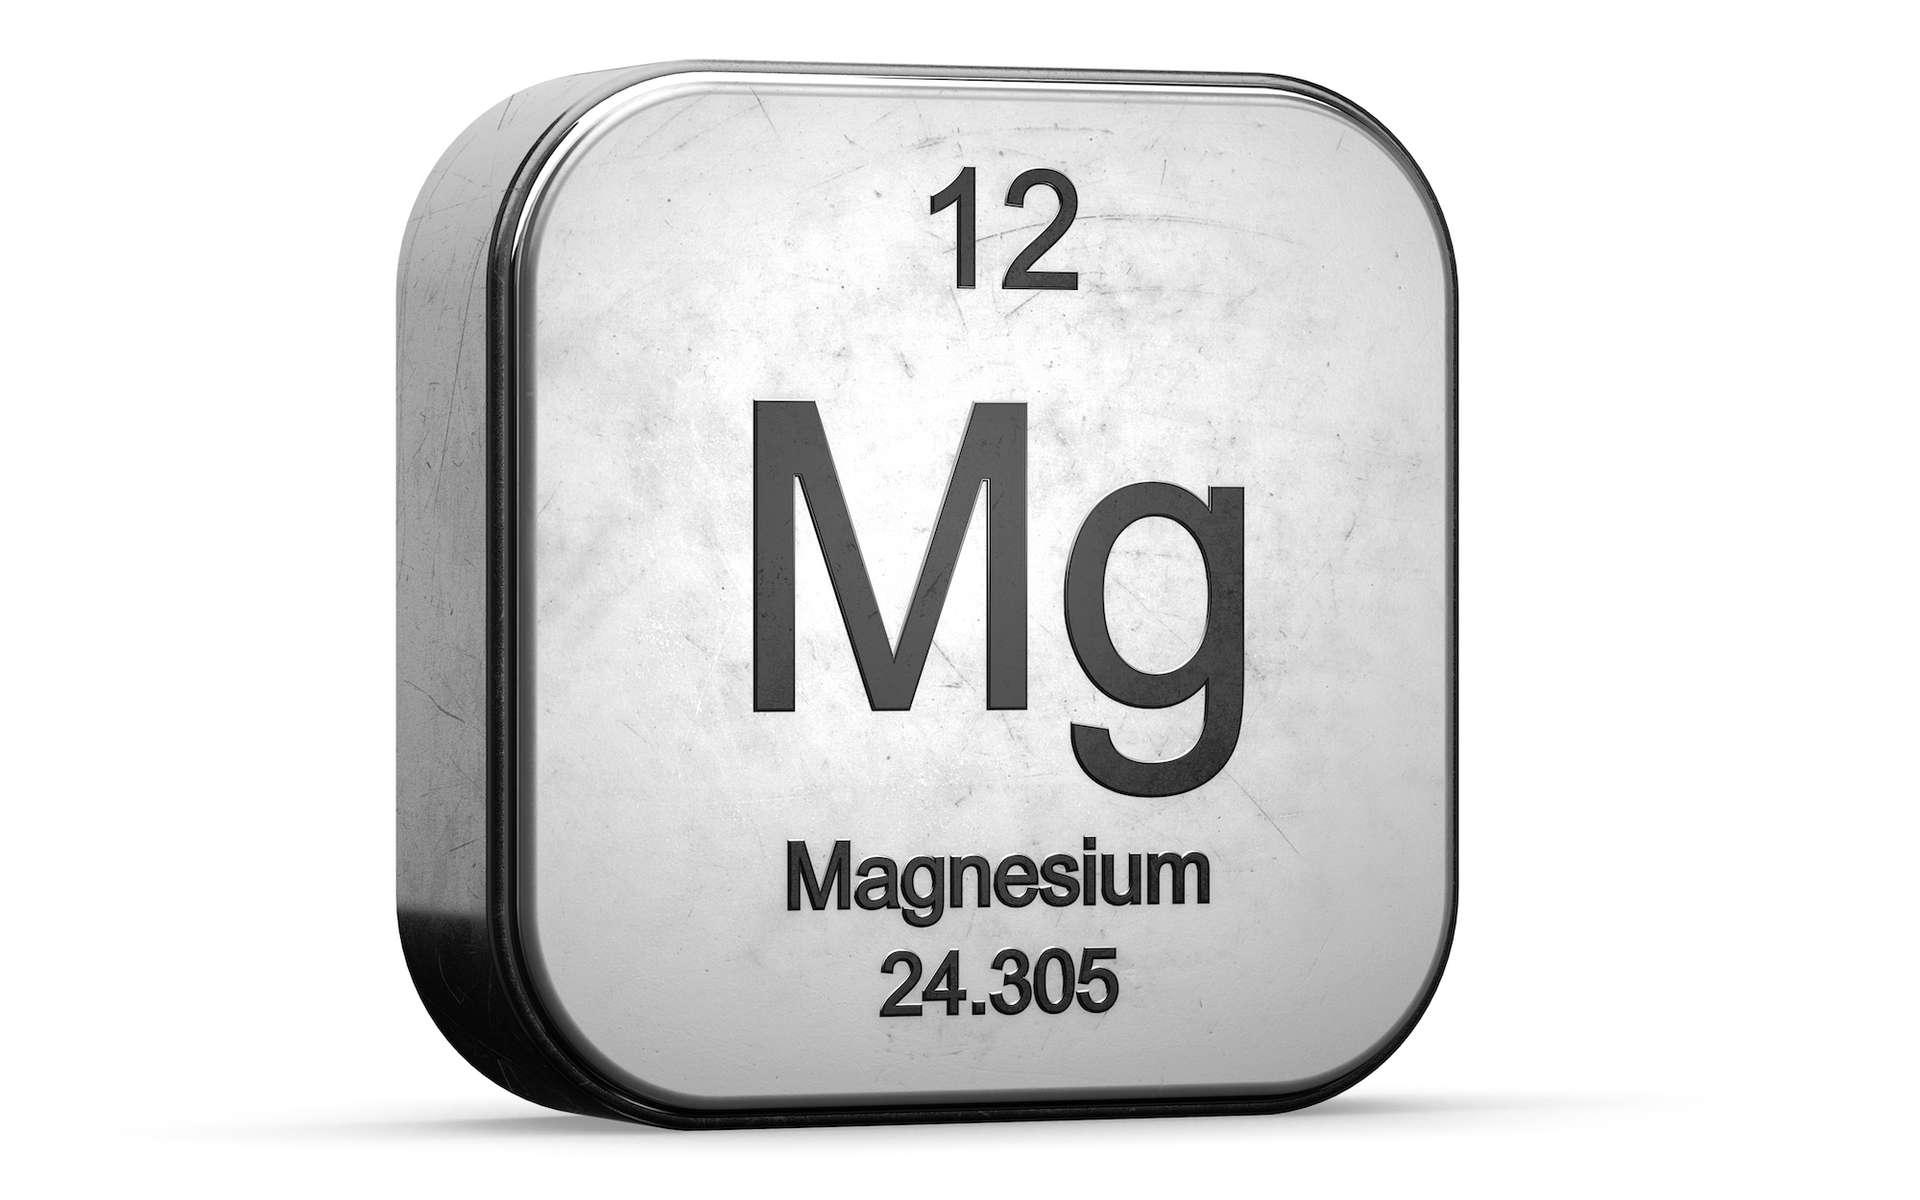 Les alliages de magnésium sont prisés dans les secteurs de l'industrie où la légèreté est primordiale comme celui, par exemple, de la construction de vélos. © concept w, fotolia